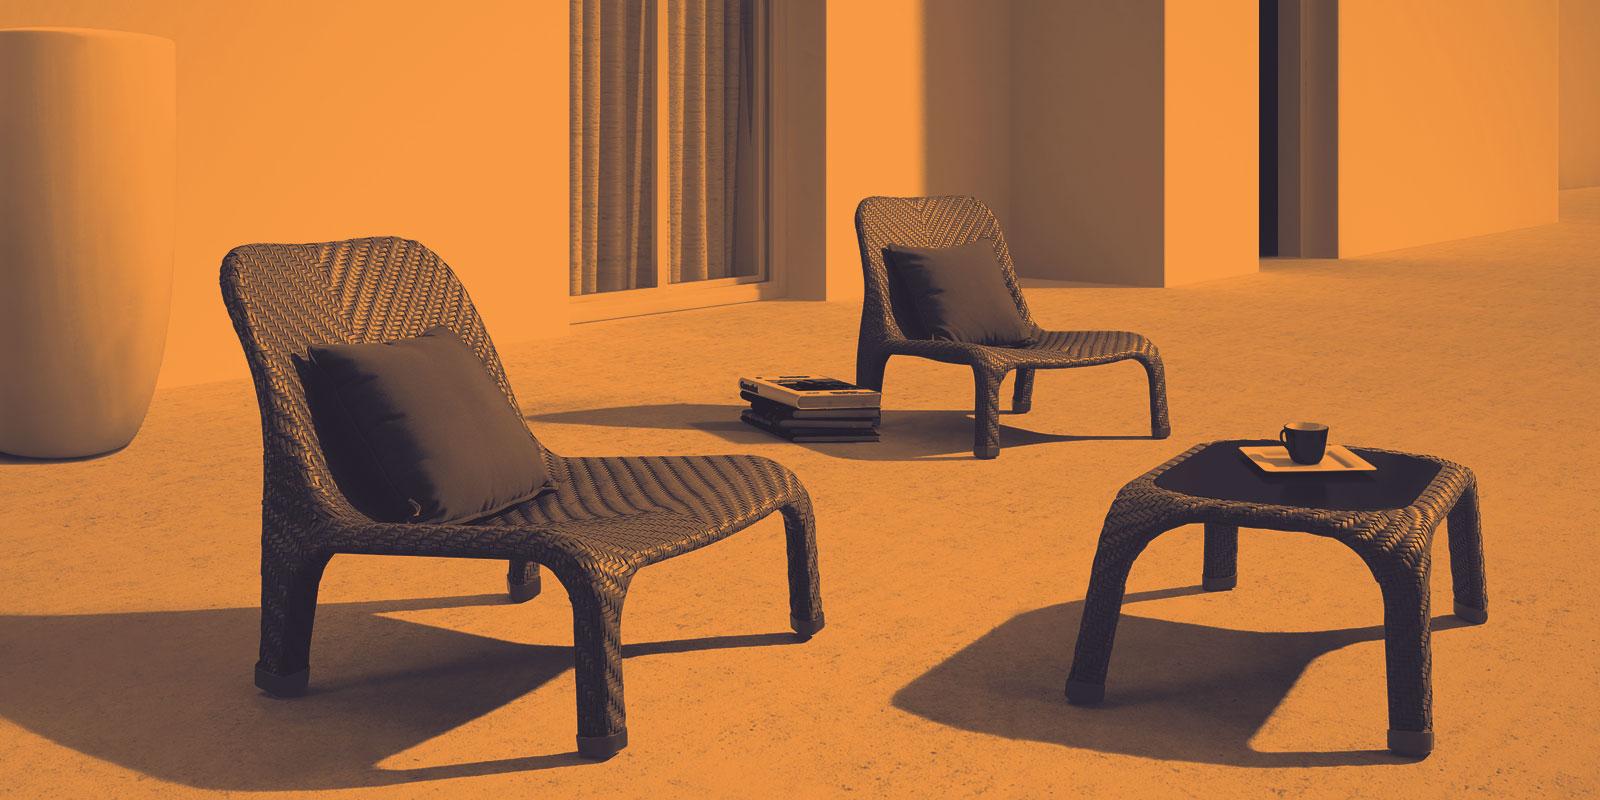 Momalia muebles para exteriores - Muebles para exteriores ...